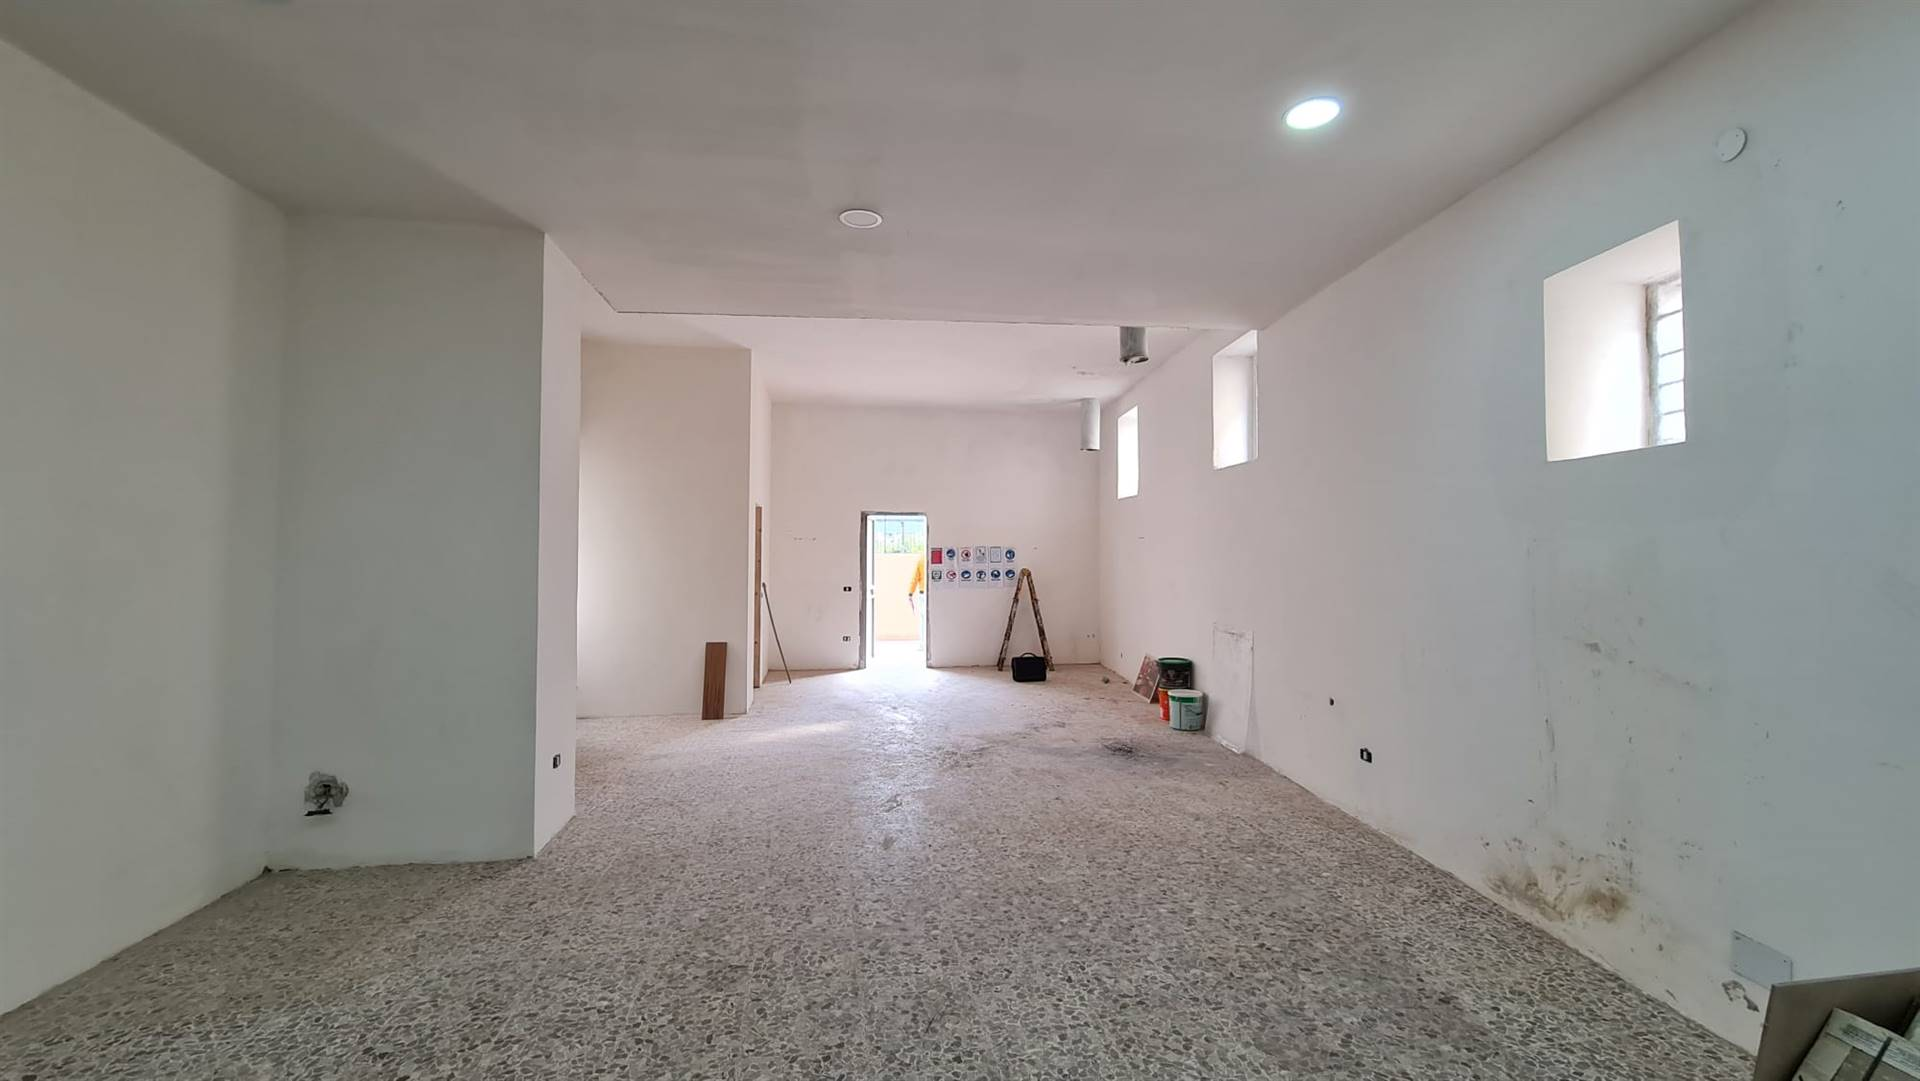 Immobile Commerciale in affitto a Nola, 9999 locali, zona Località: NOLA, prezzo € 950 | CambioCasa.it